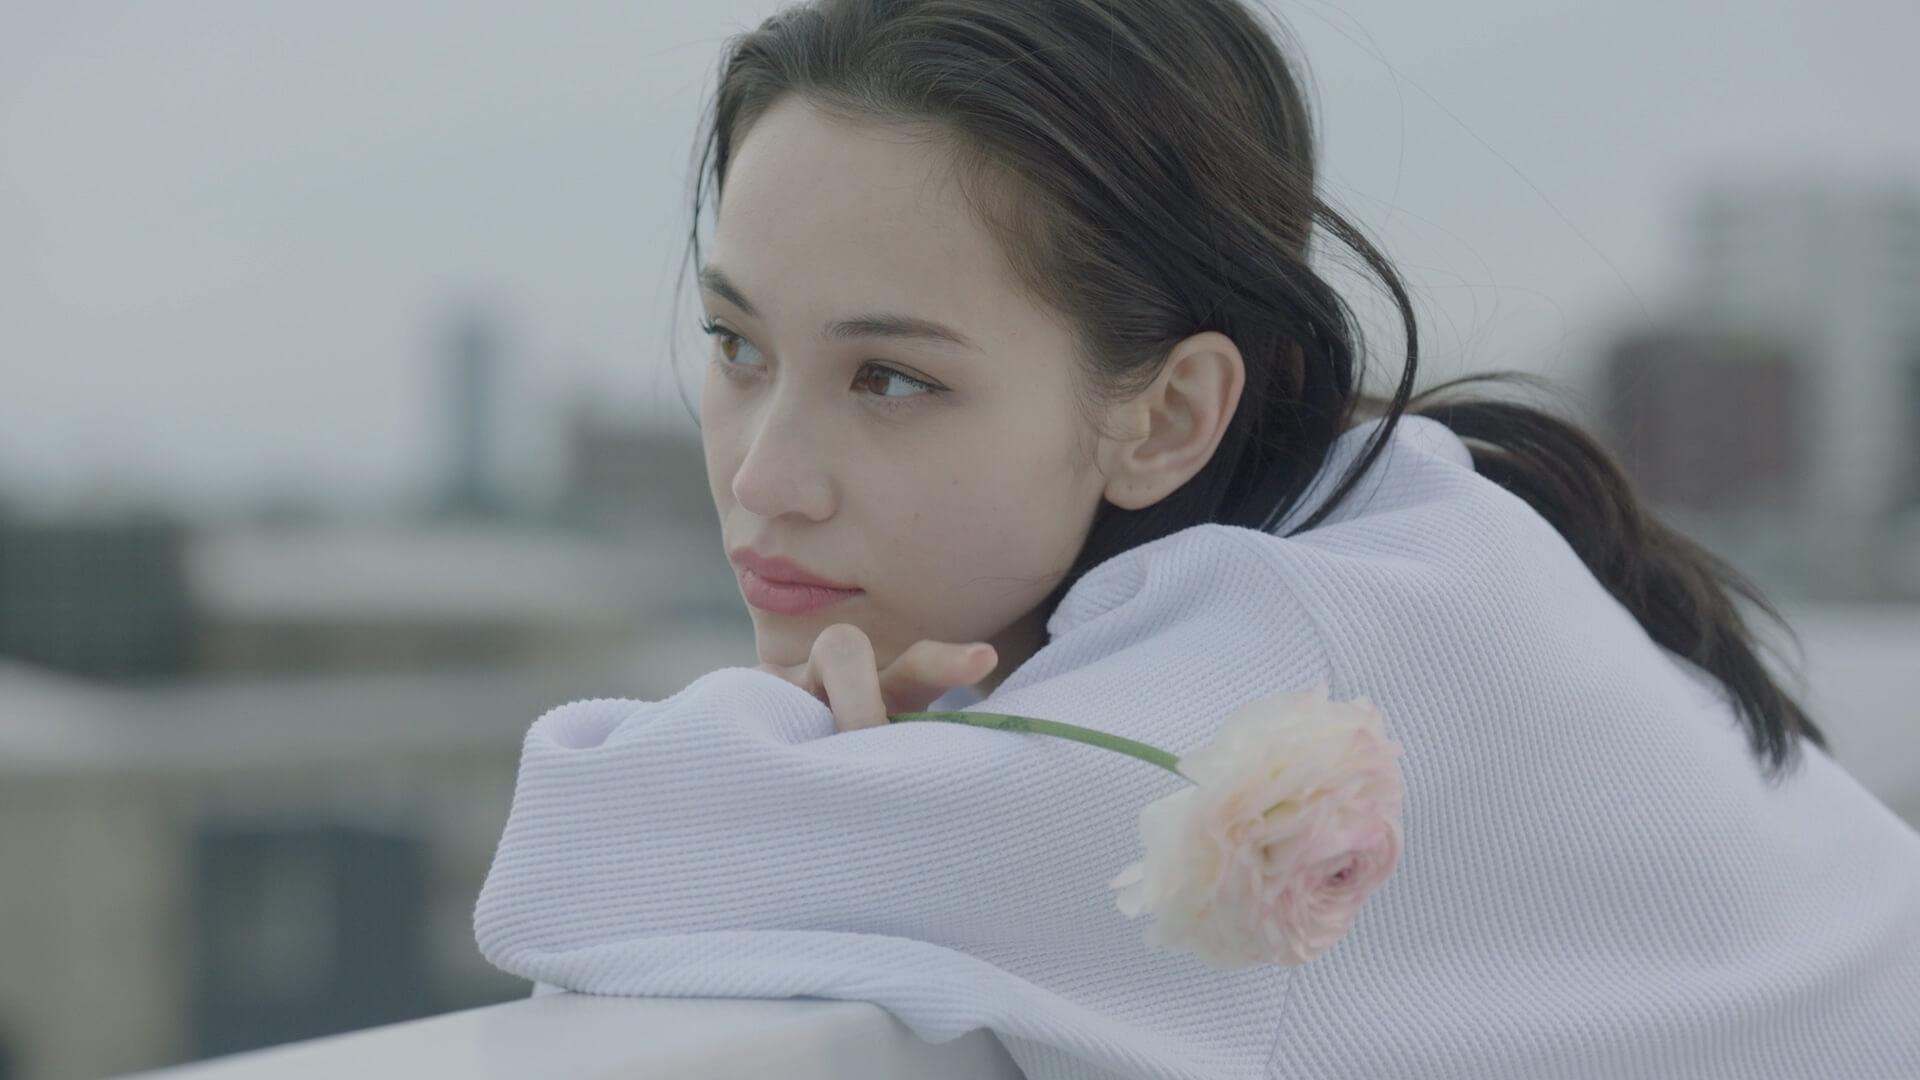 水原希子が誕生日前日にスタイリッシュなブラ姿を披露!ワコール『朝の谷間、ながもち、リボンブラ。』新動画公開 art191015_mizuharakiko_wacole_8